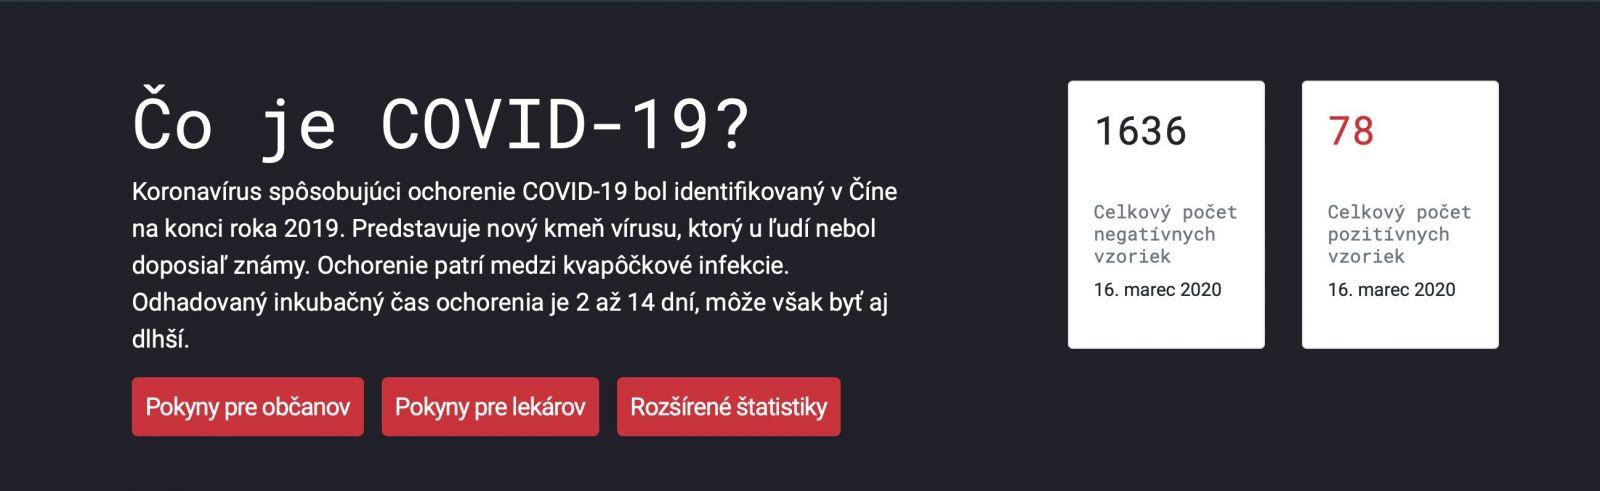 Na Slovensku je 78 ľudí nakazených koronavírusom, pribudlo 6 nových prípadov